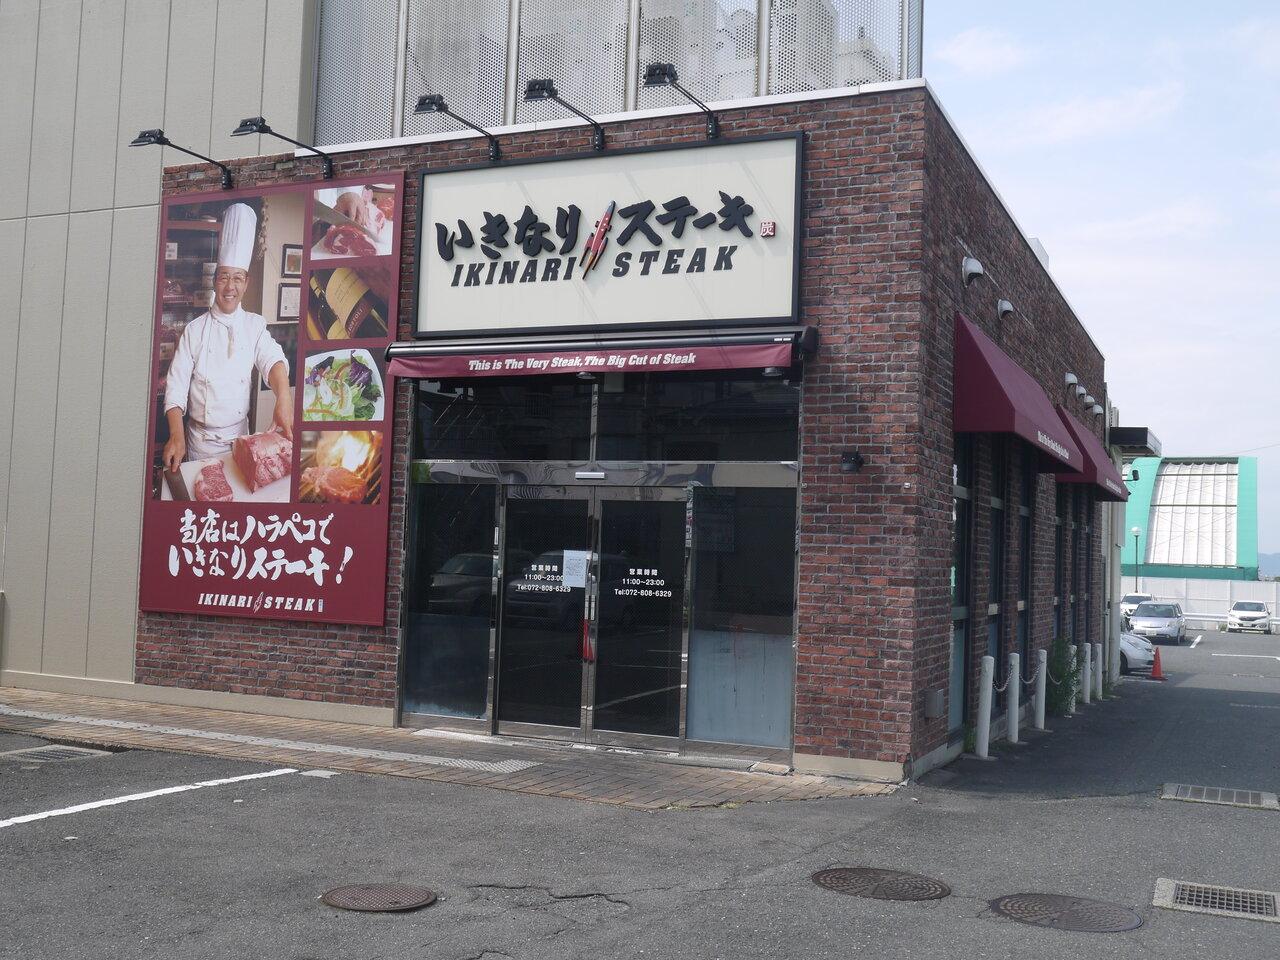 閉店 する 店舗 いきなり ステーキ